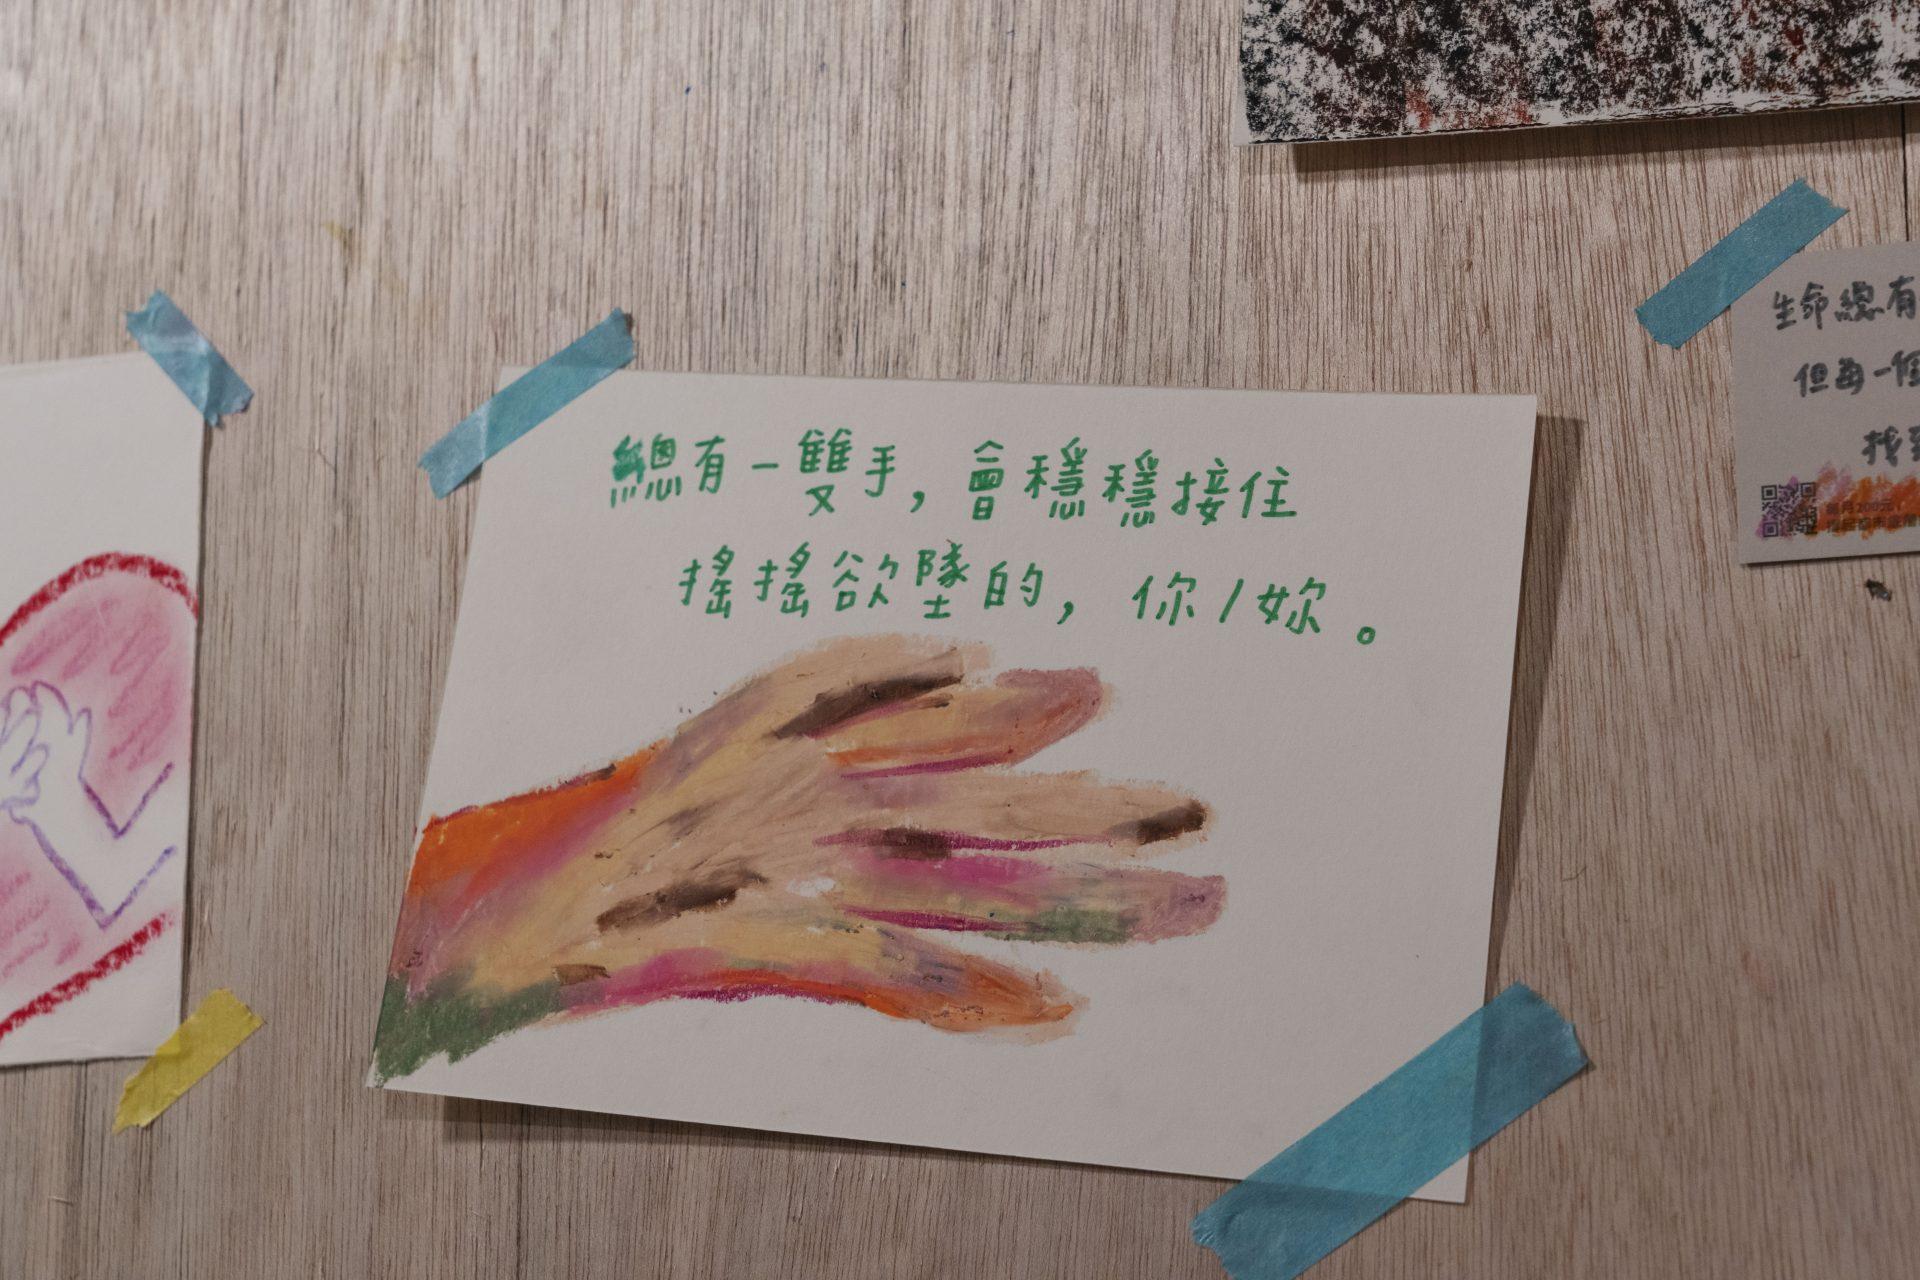 「畫失敗為力量!」貧窮者的心理治療,讓脆弱在藝術中自由:專訪夢想城鄉協會脆弱畫室